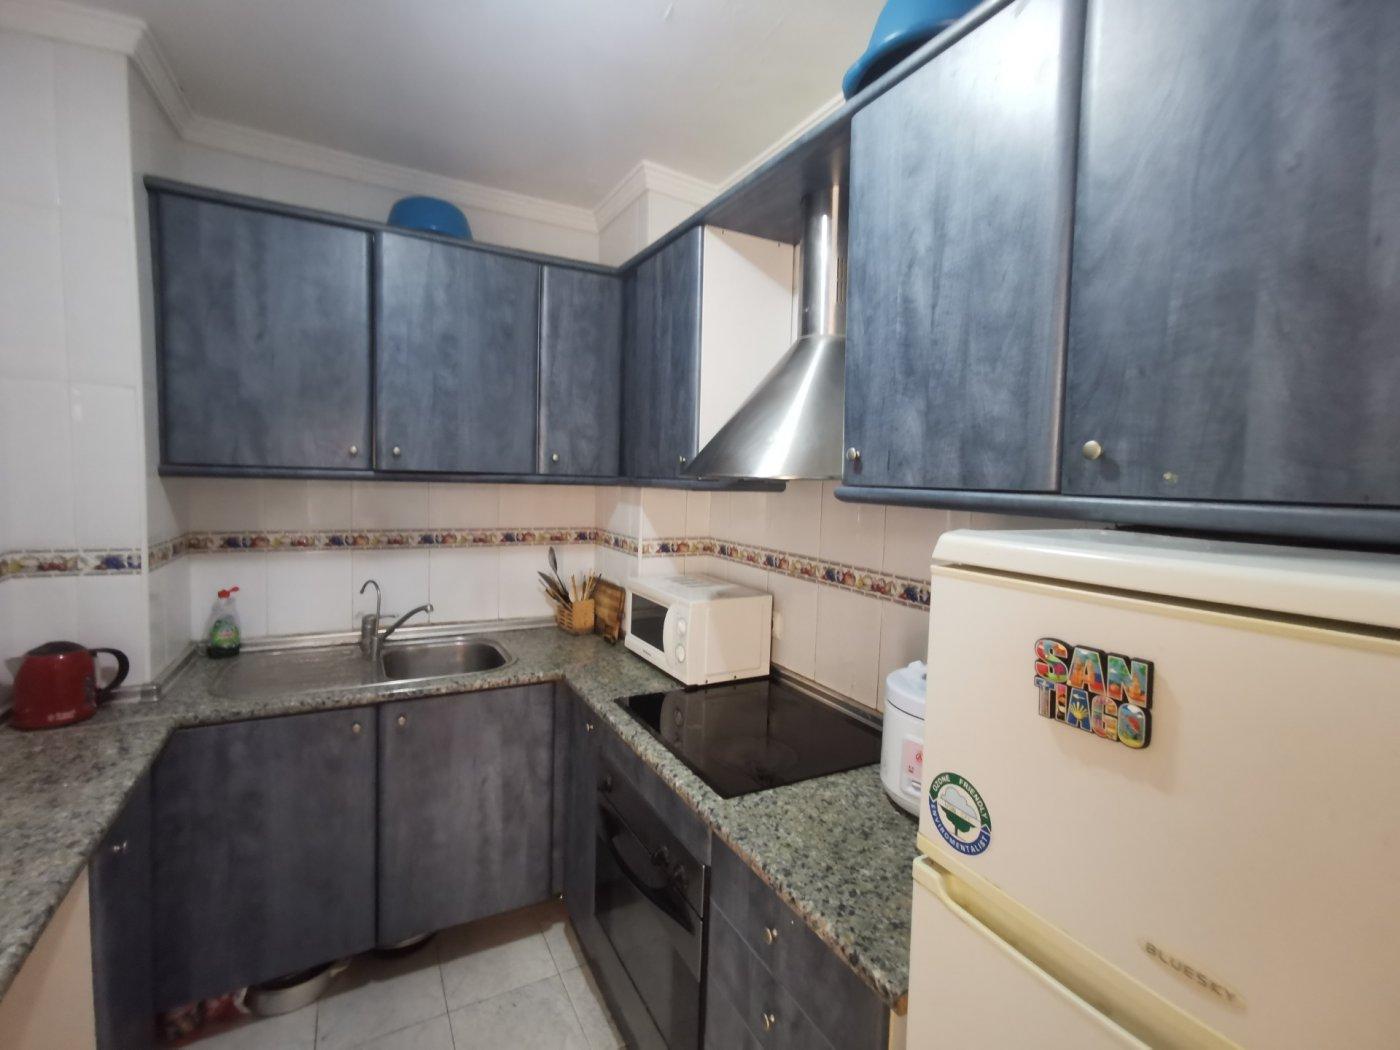 Se vende piso de dos dormitorios con piscina y parking comunitaria - imagenInmueble4